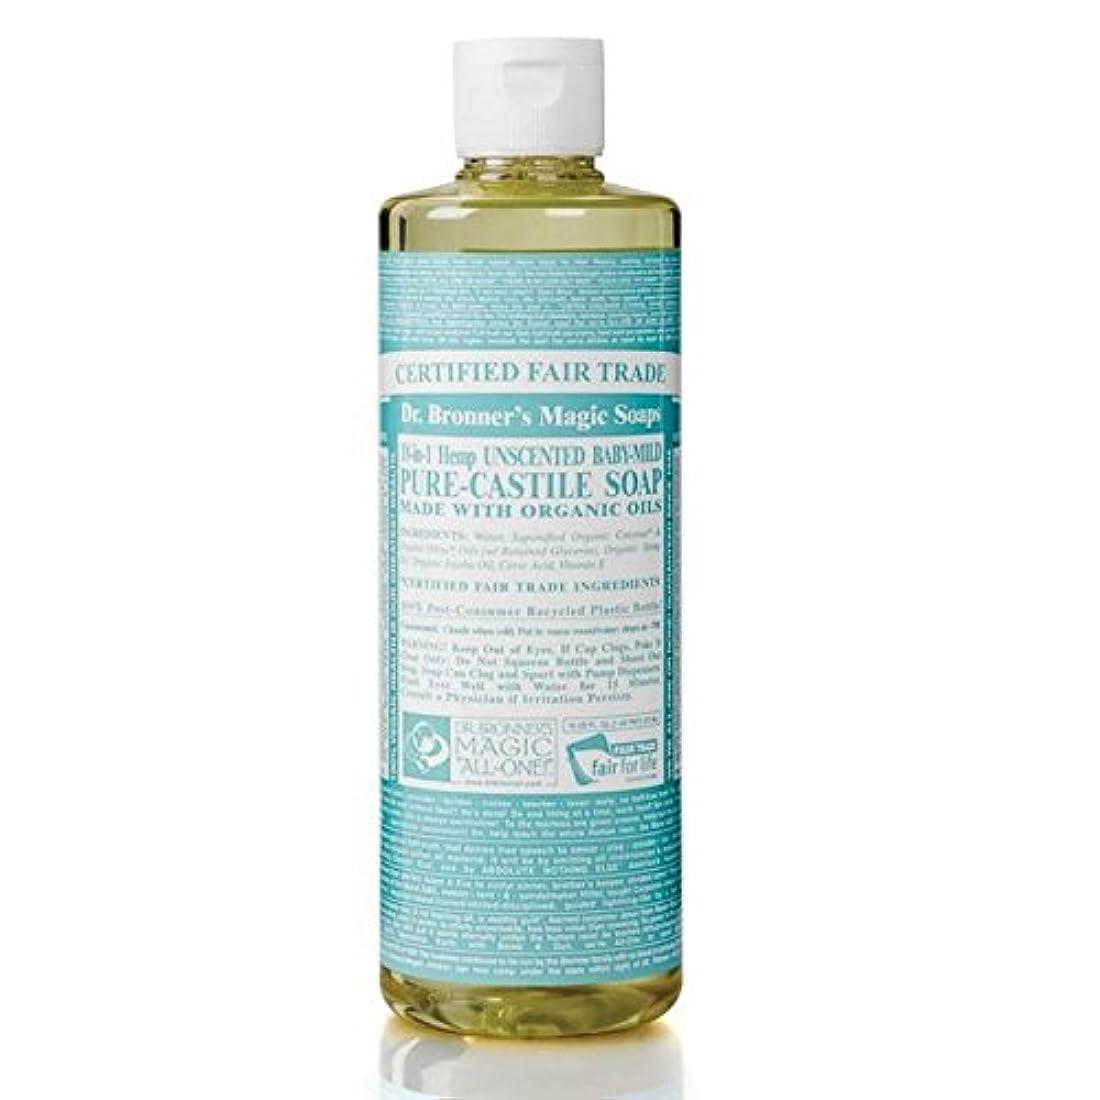 ディプロマ聞きますパズルDr Bronner Organic Baby Mild Castile Liquid Soap 473ml - のブロナーオーガニックベビーマイルドなカスティーリャ液体石鹸473ミリリットル [並行輸入品]